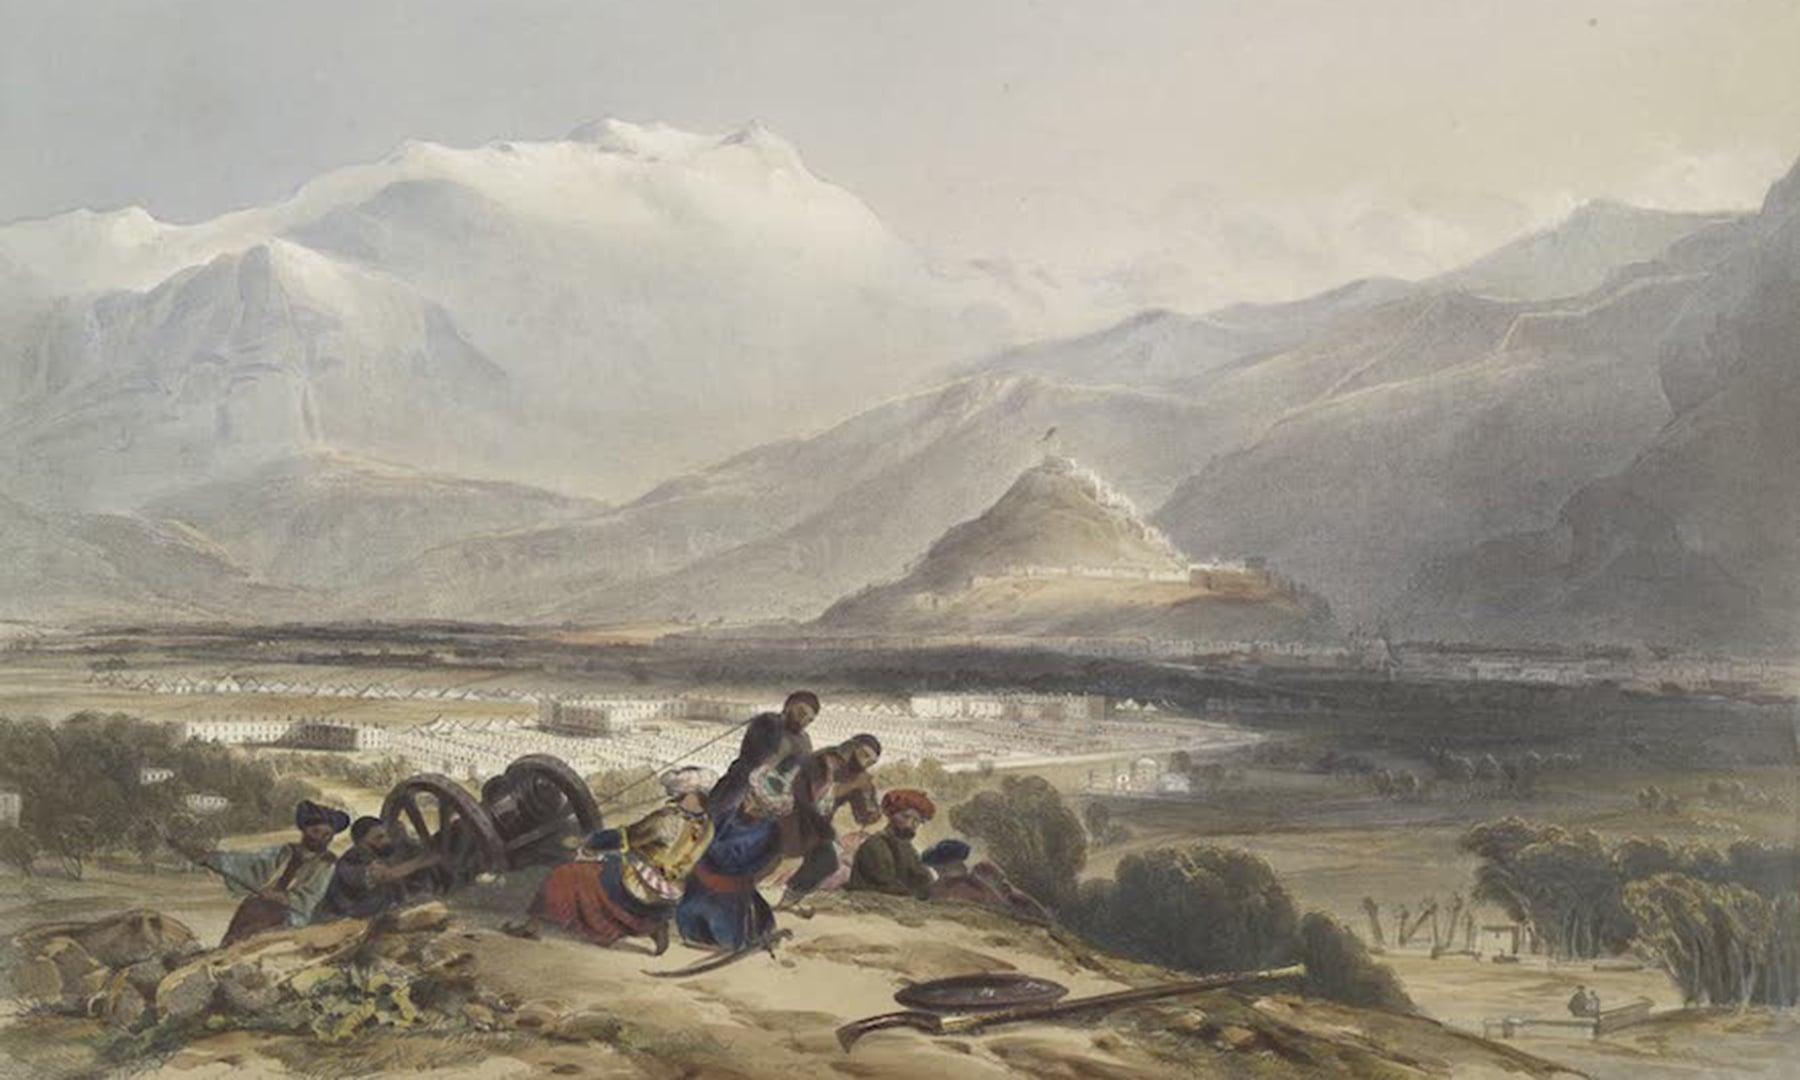 بلندی سے قلعہ بالا حصار، شہر کابل اور برطانوی چھاؤنی کا منظر